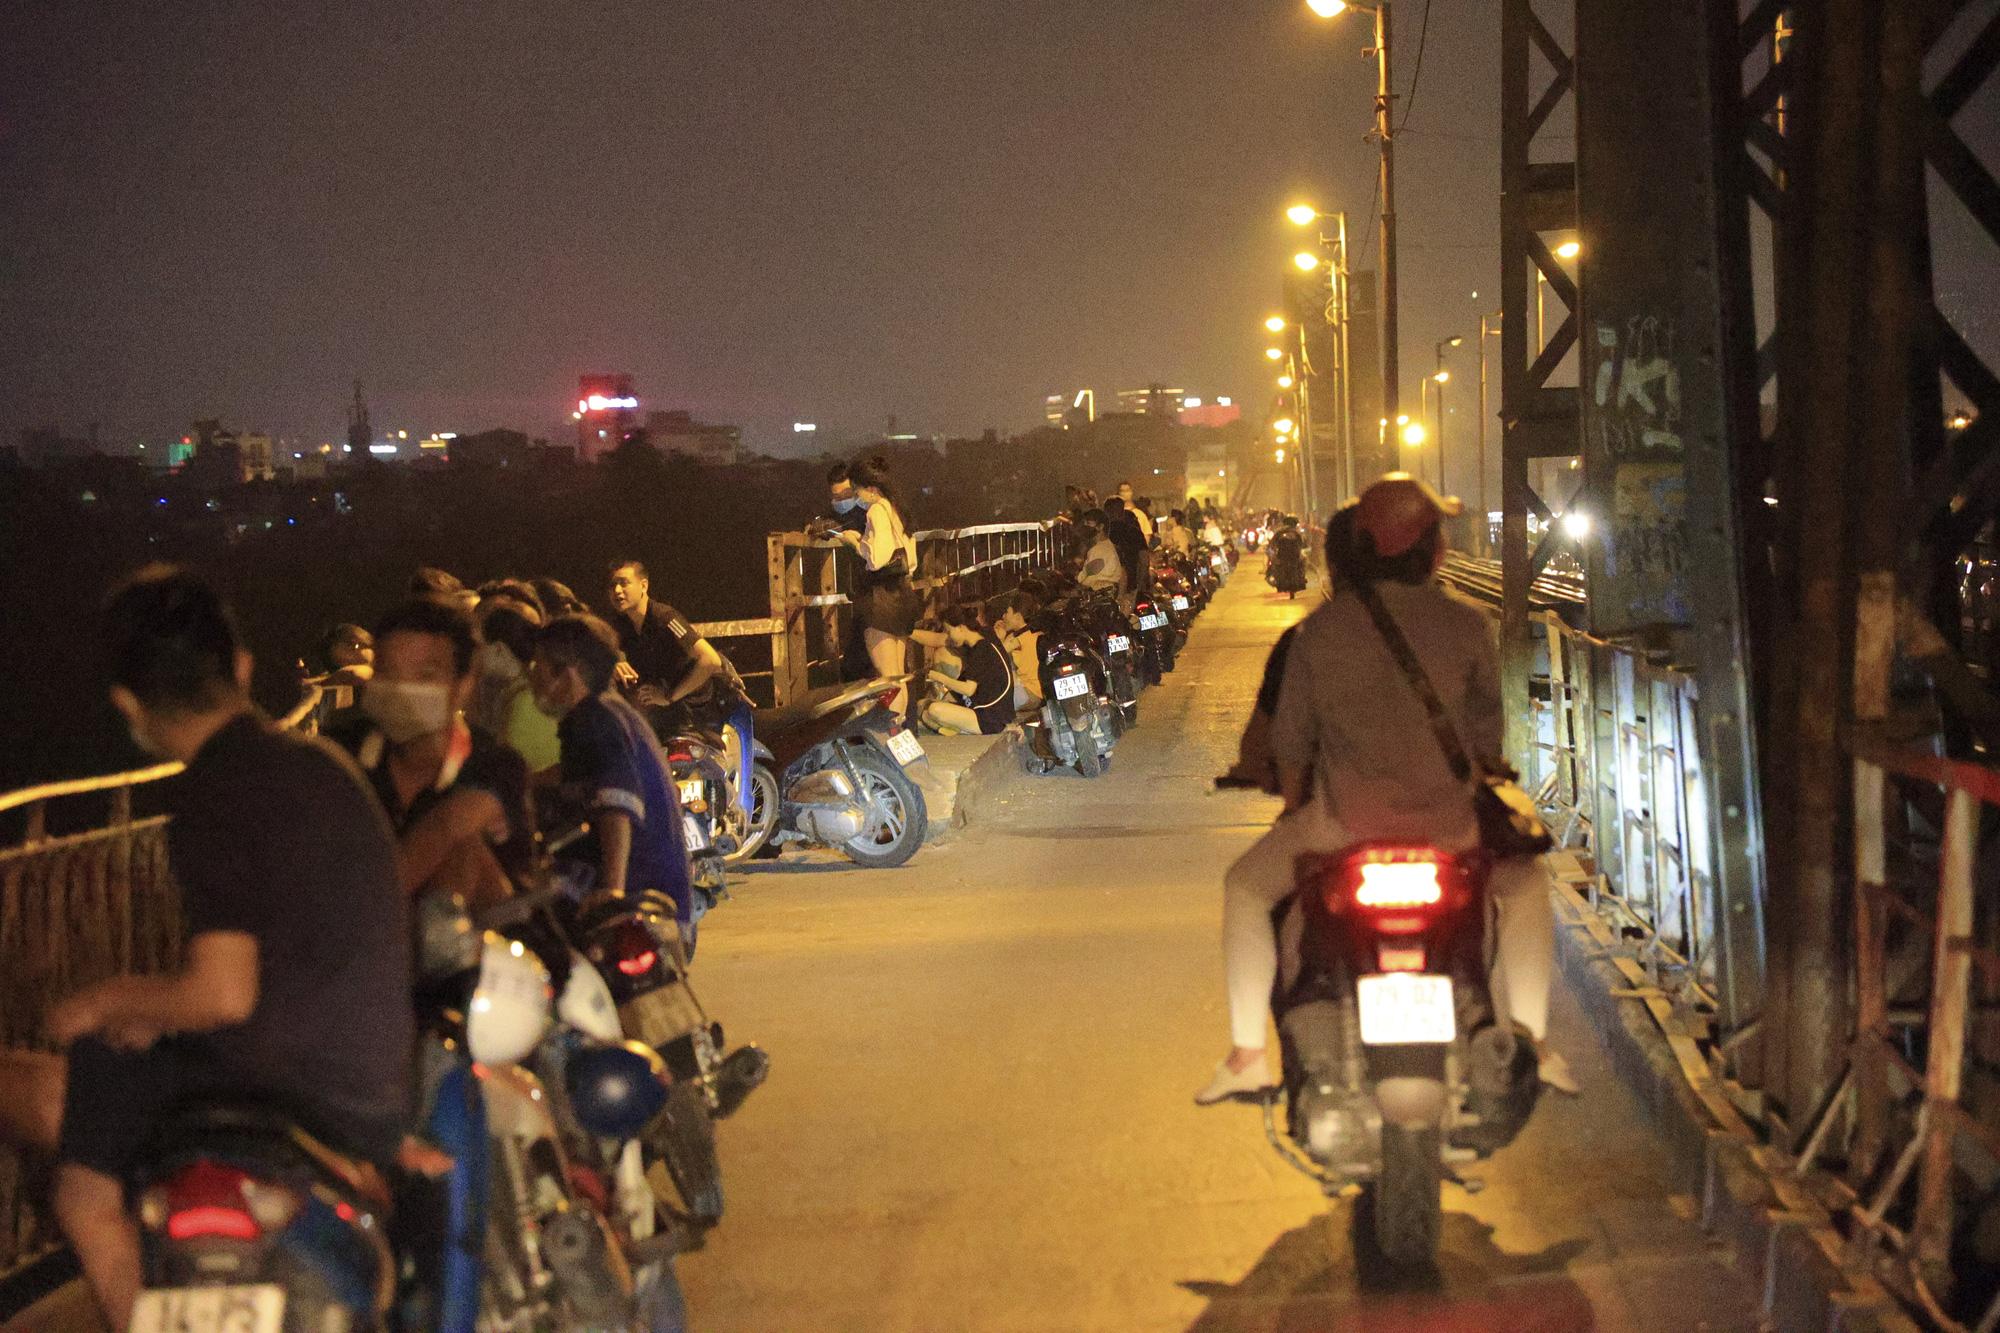 Hà Nội: Bất chấp lệnh cấm, nhiều quán trà đá ngang nhiên mở trên Cầu Long Biên - Ảnh 6.